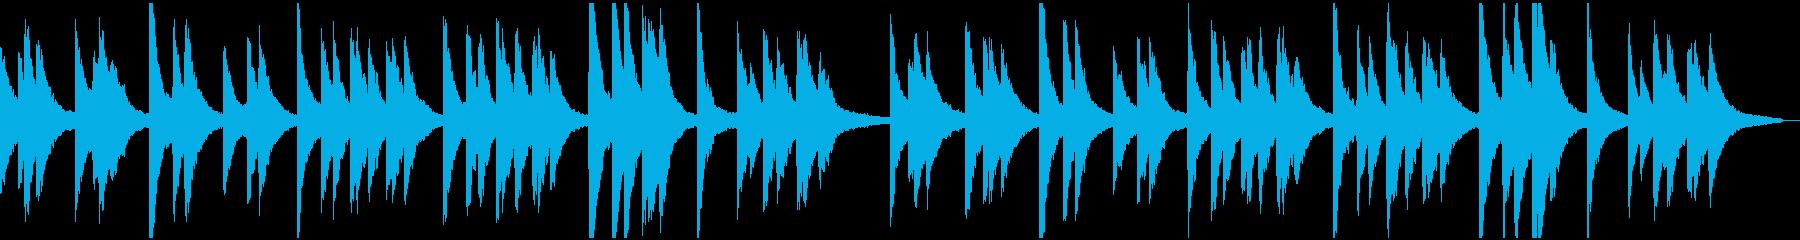 きよしこの夜ピアノ版(くりかえし可)の再生済みの波形